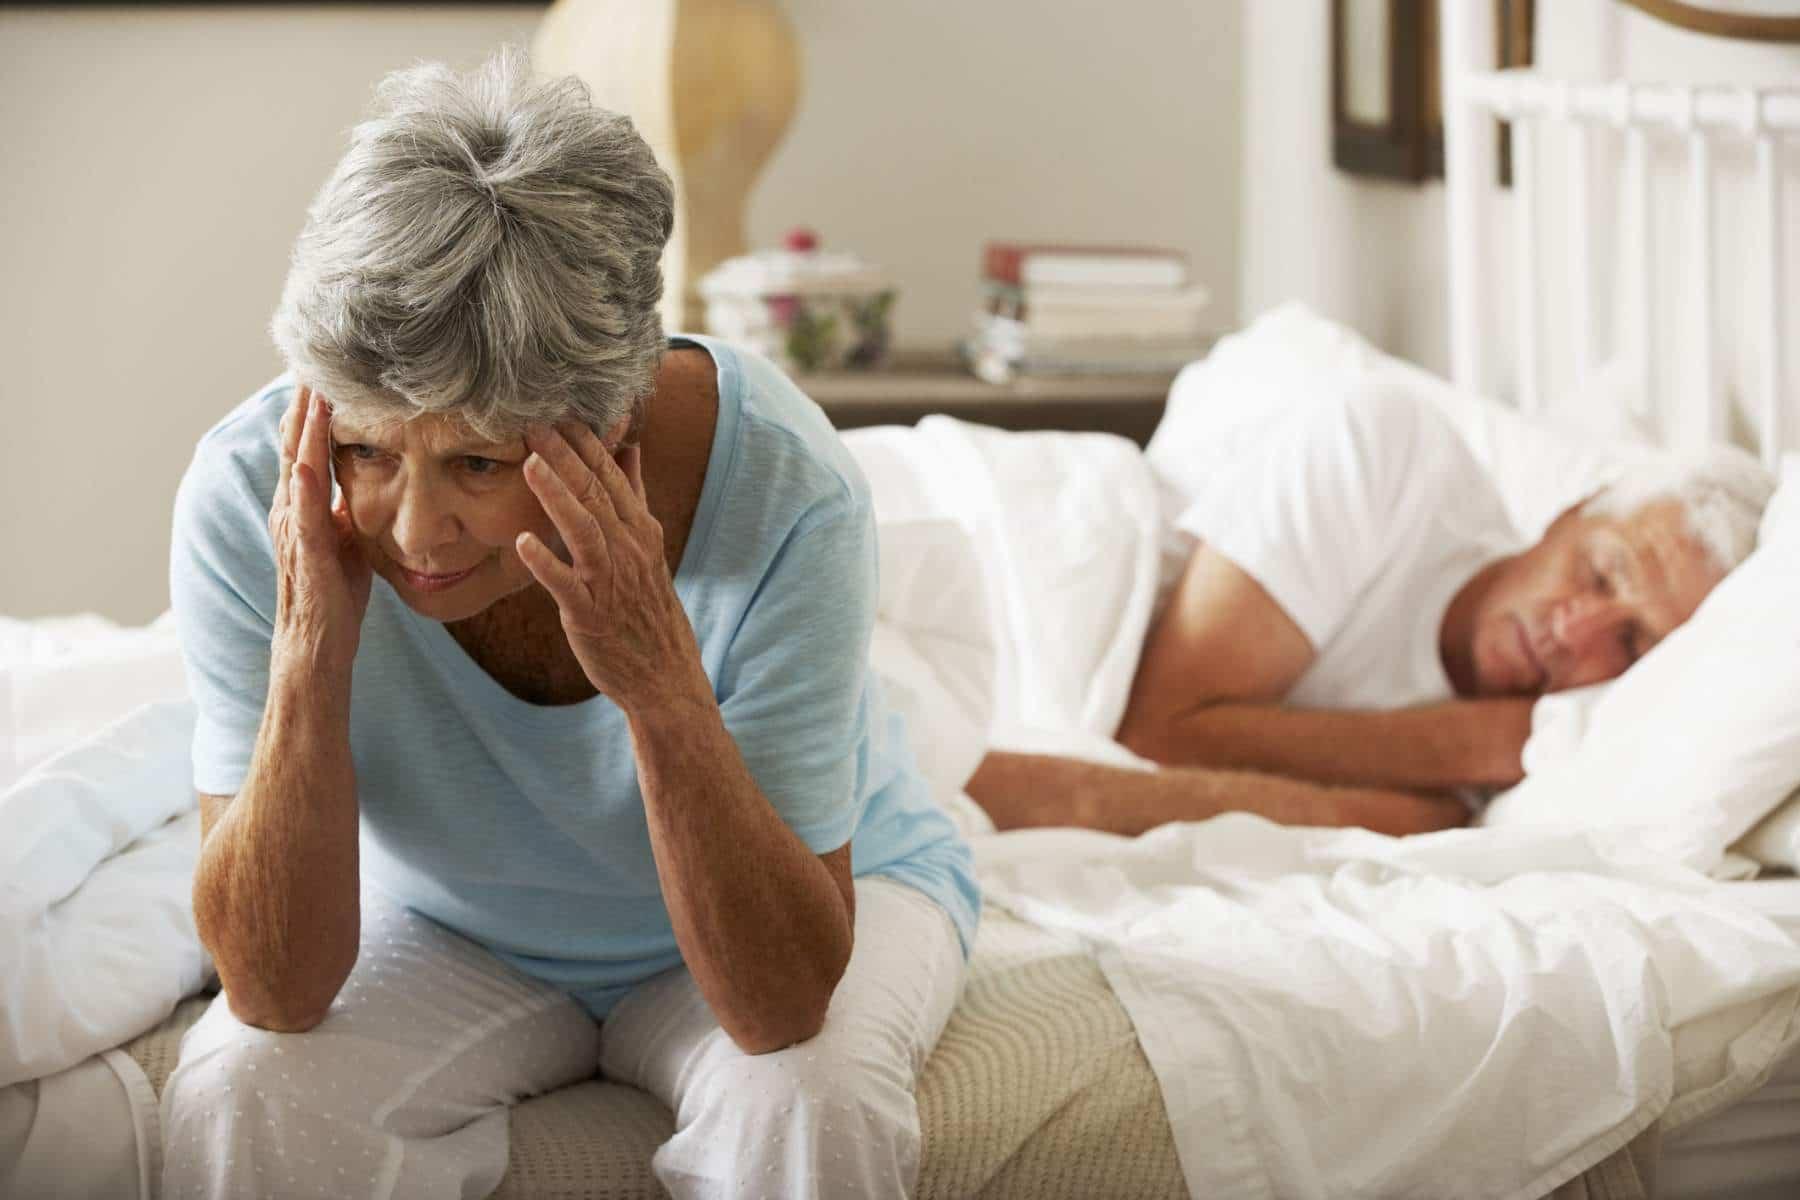 бессоница у пенсионера